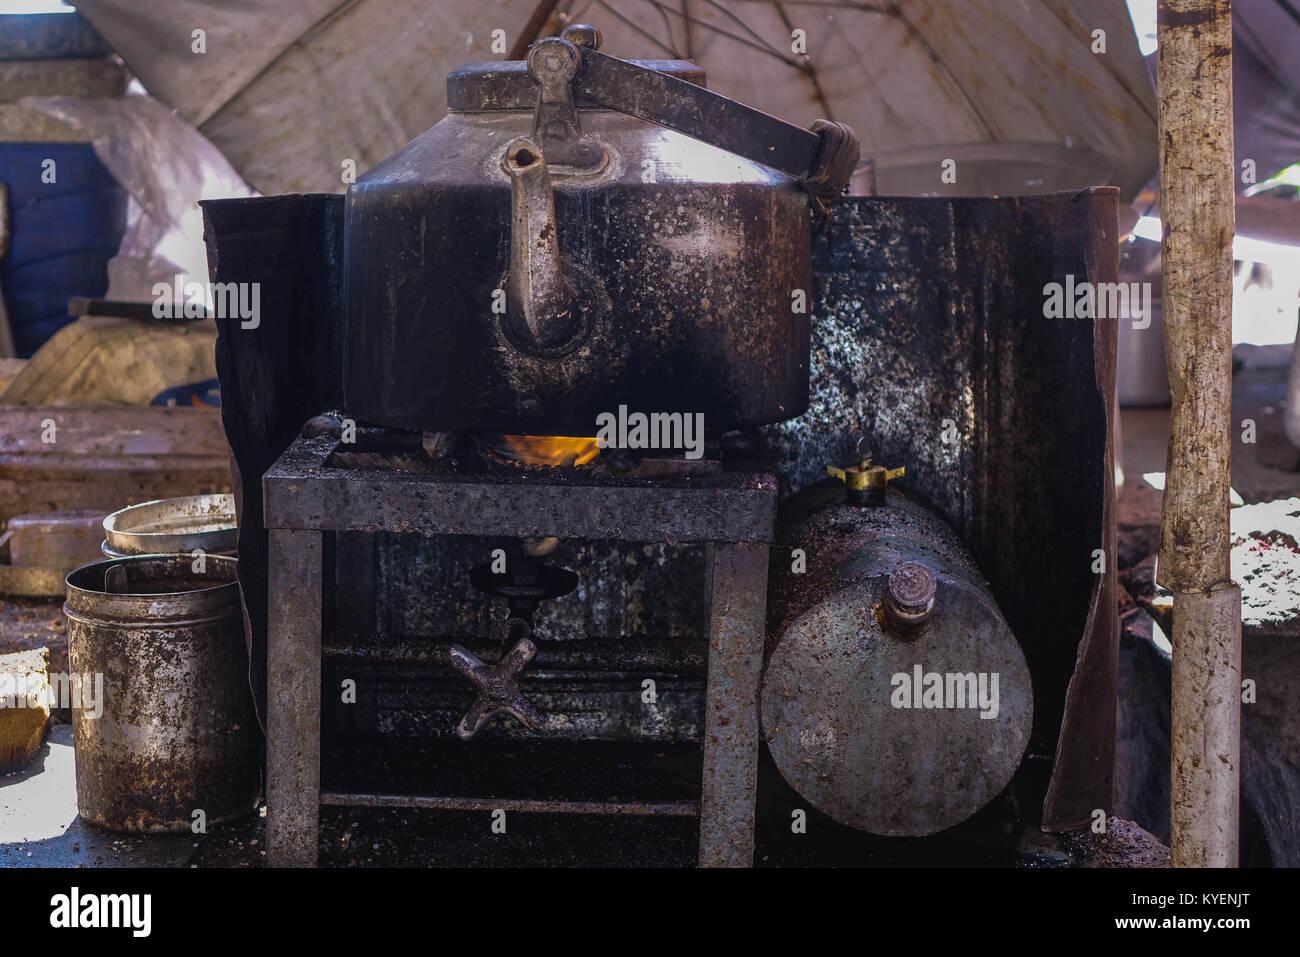 A darkened and old Aluminium tea kettle on kerosene stove - Stock Image